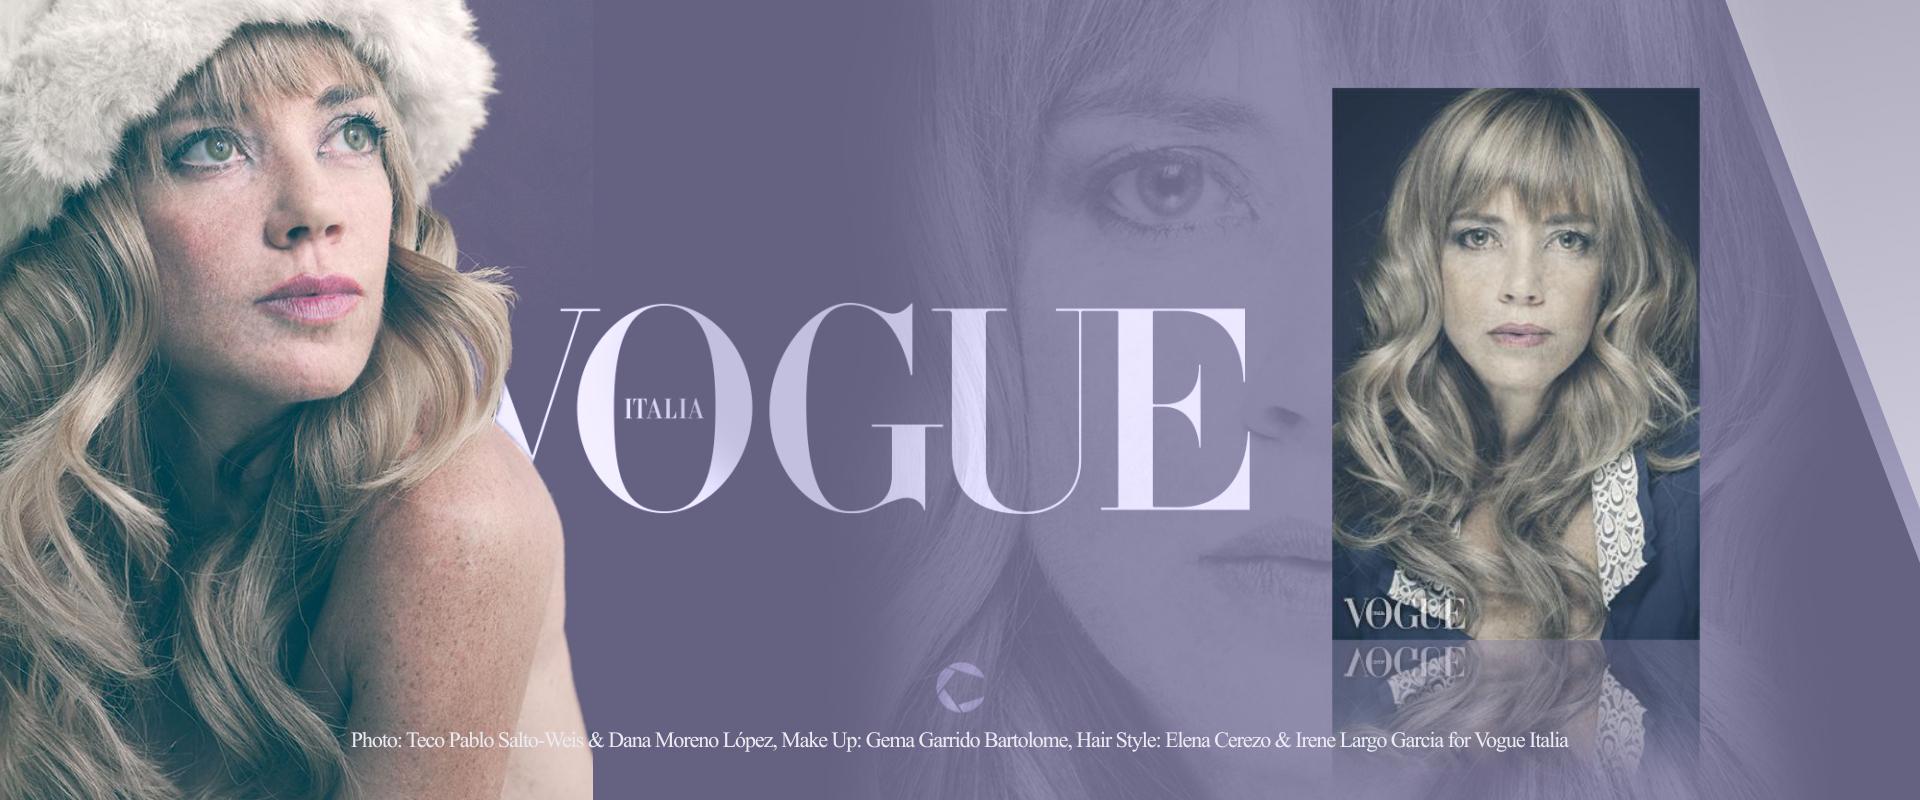 https://www.perfectpixel.es/wp-content/uploads/2015/01/Vogue-Italia-vogue.it-Fashion-Photography-Fotograf%C3%ADa-Moda-PerfectPixel-Publicidad-7.jpg